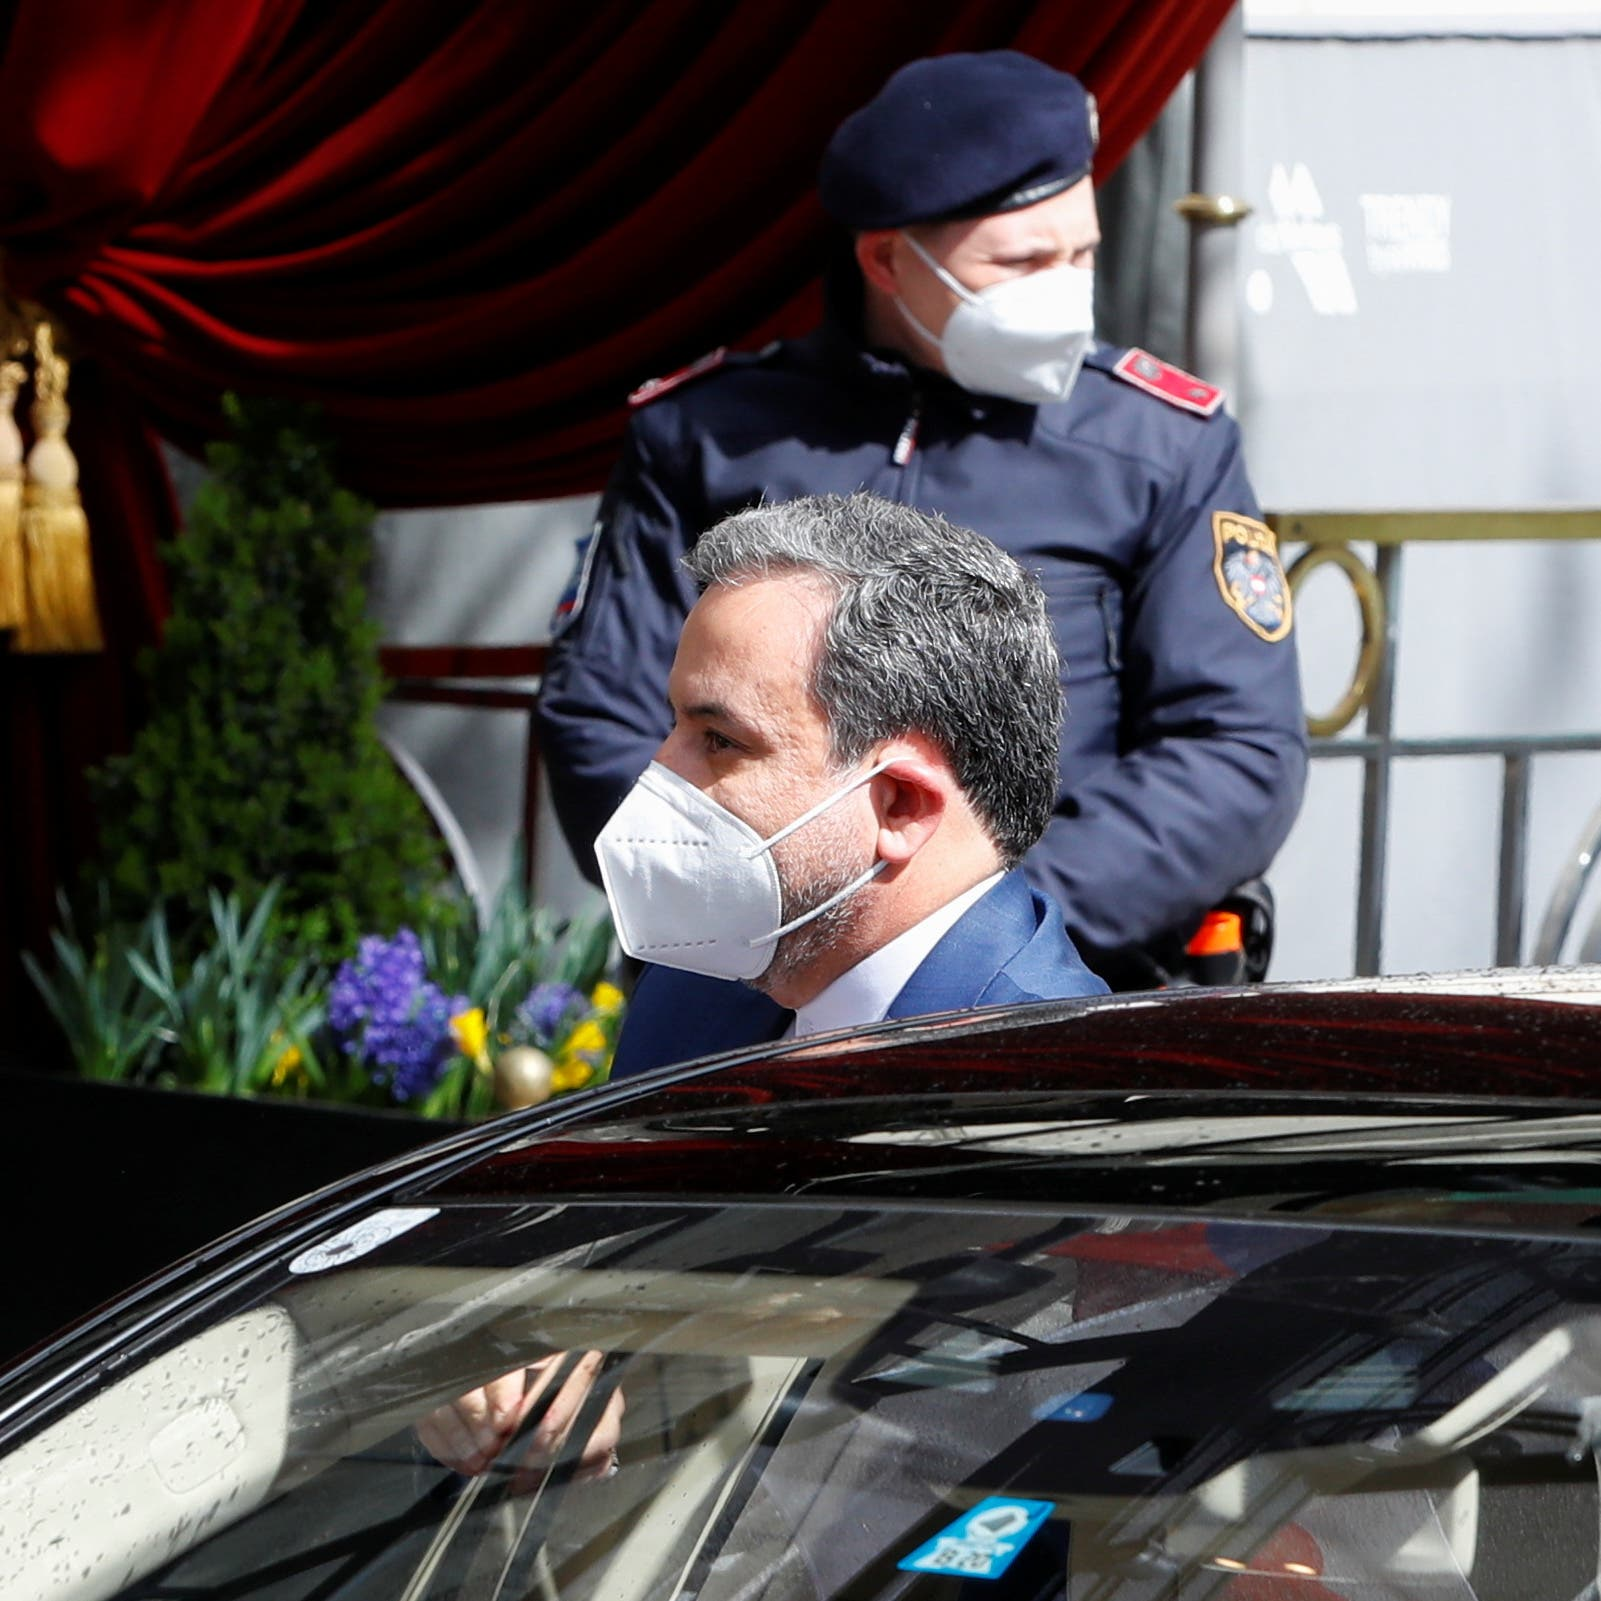 إيران مستاءة: عقوبات الأوروبي مرتبطة بالاتفاق النووي